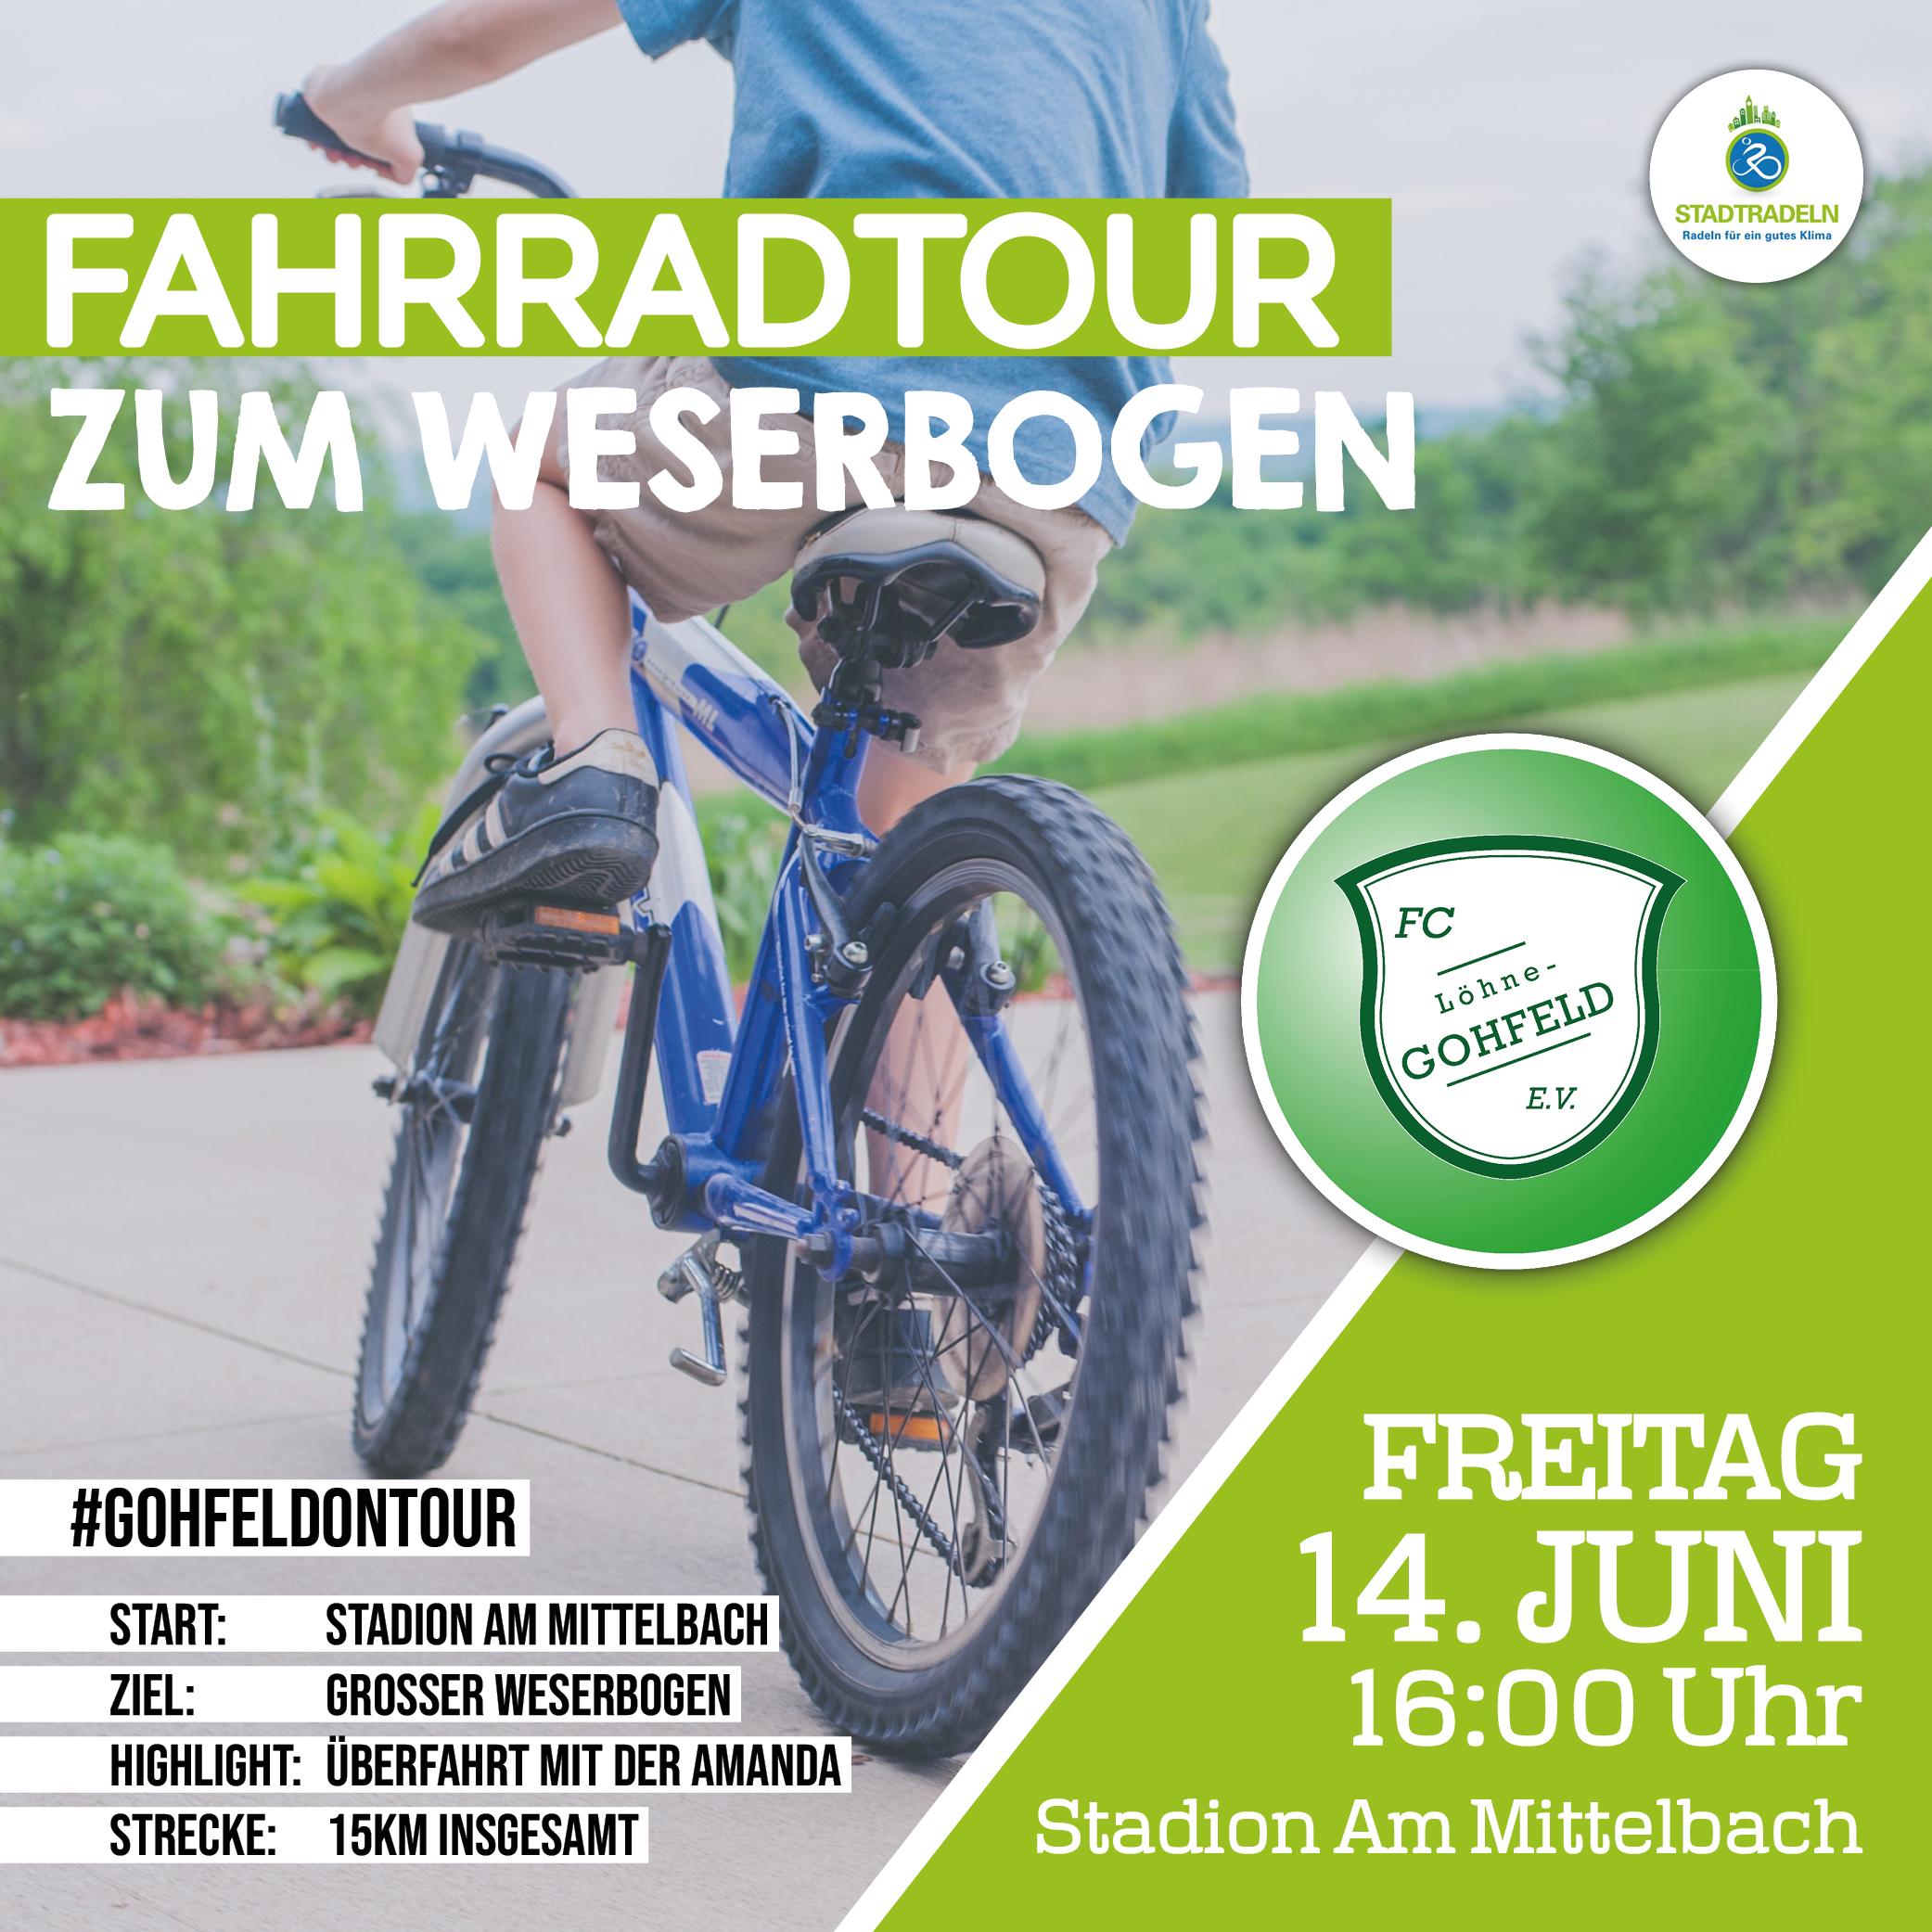 Fahrradtour zum Weserbogen